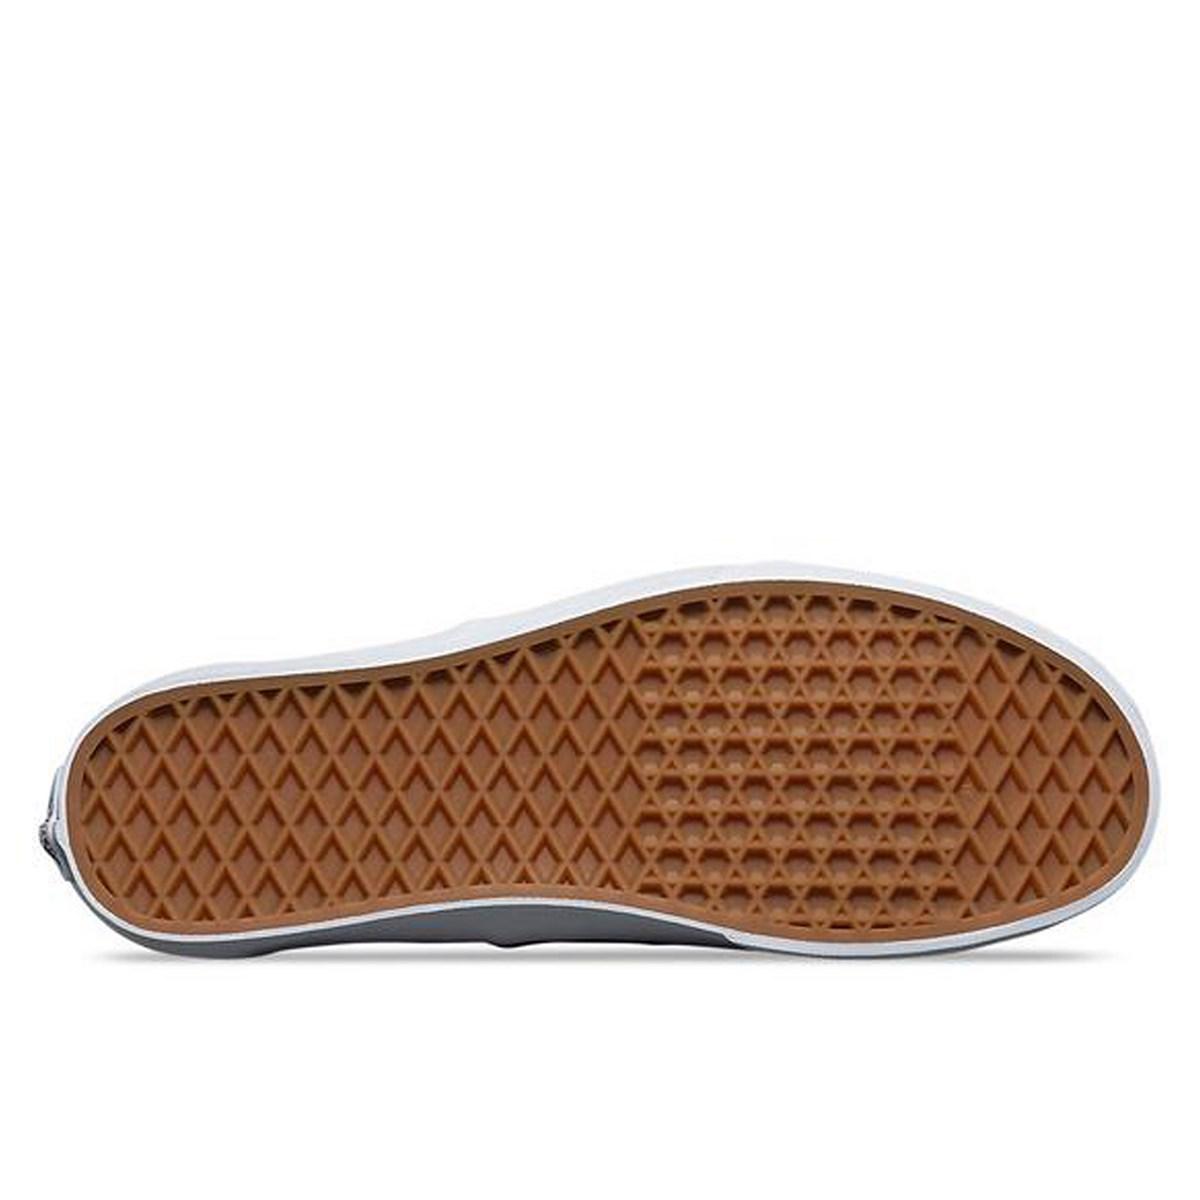 42 Vans Hommes Authentique Mlb (Ny Yankess) Chaussure De